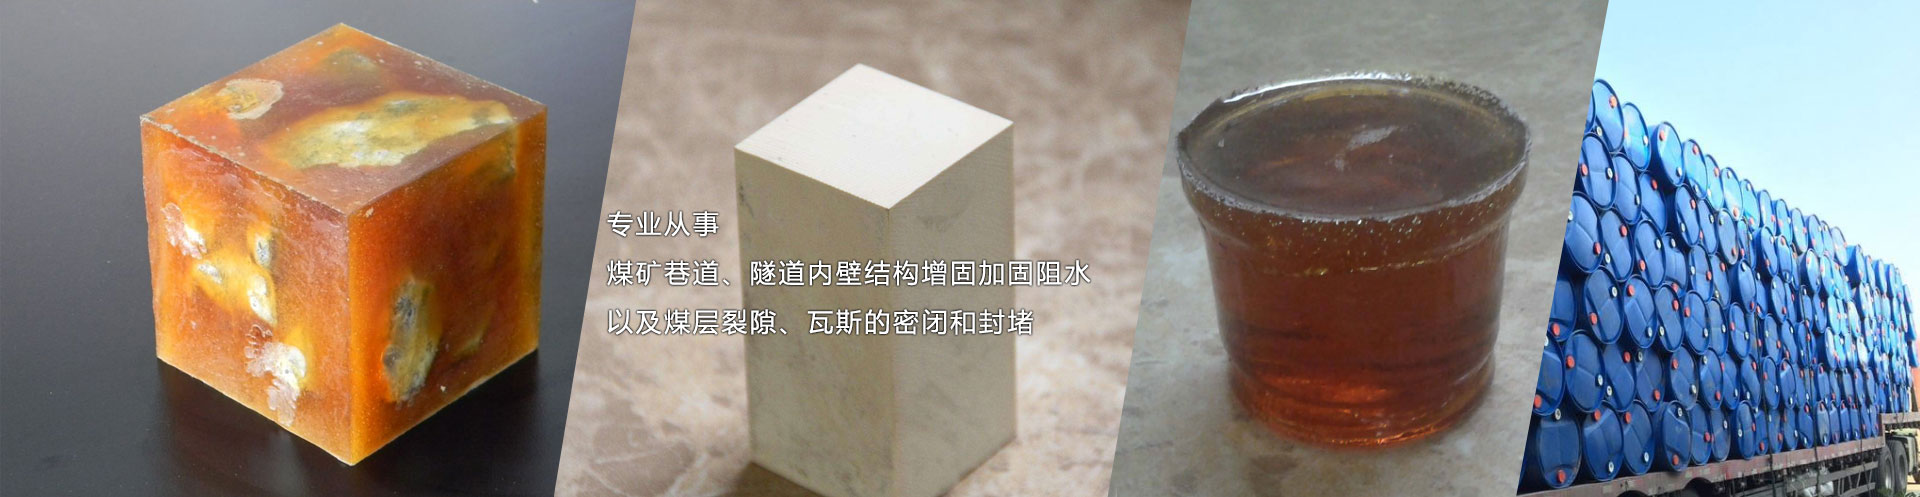 矿用罗克修,矿用马丽散,矿用加固材料